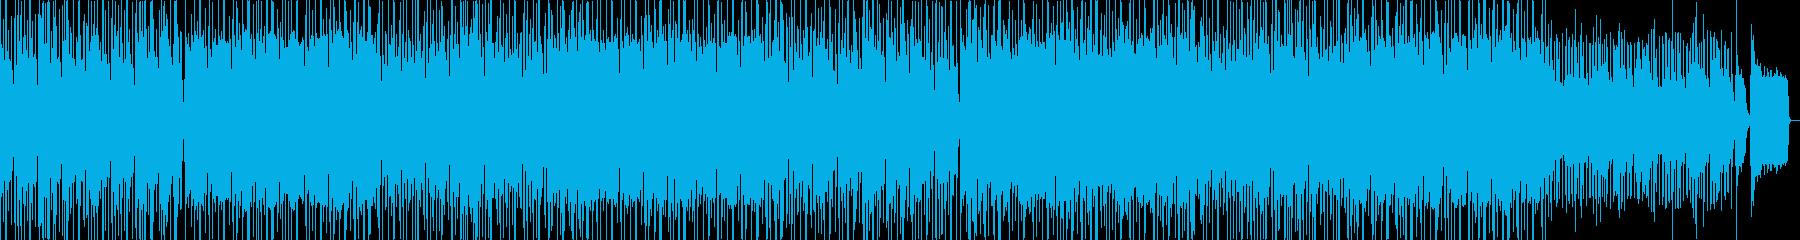 ゆったりした爽やかなハネ系リズムの曲の再生済みの波形